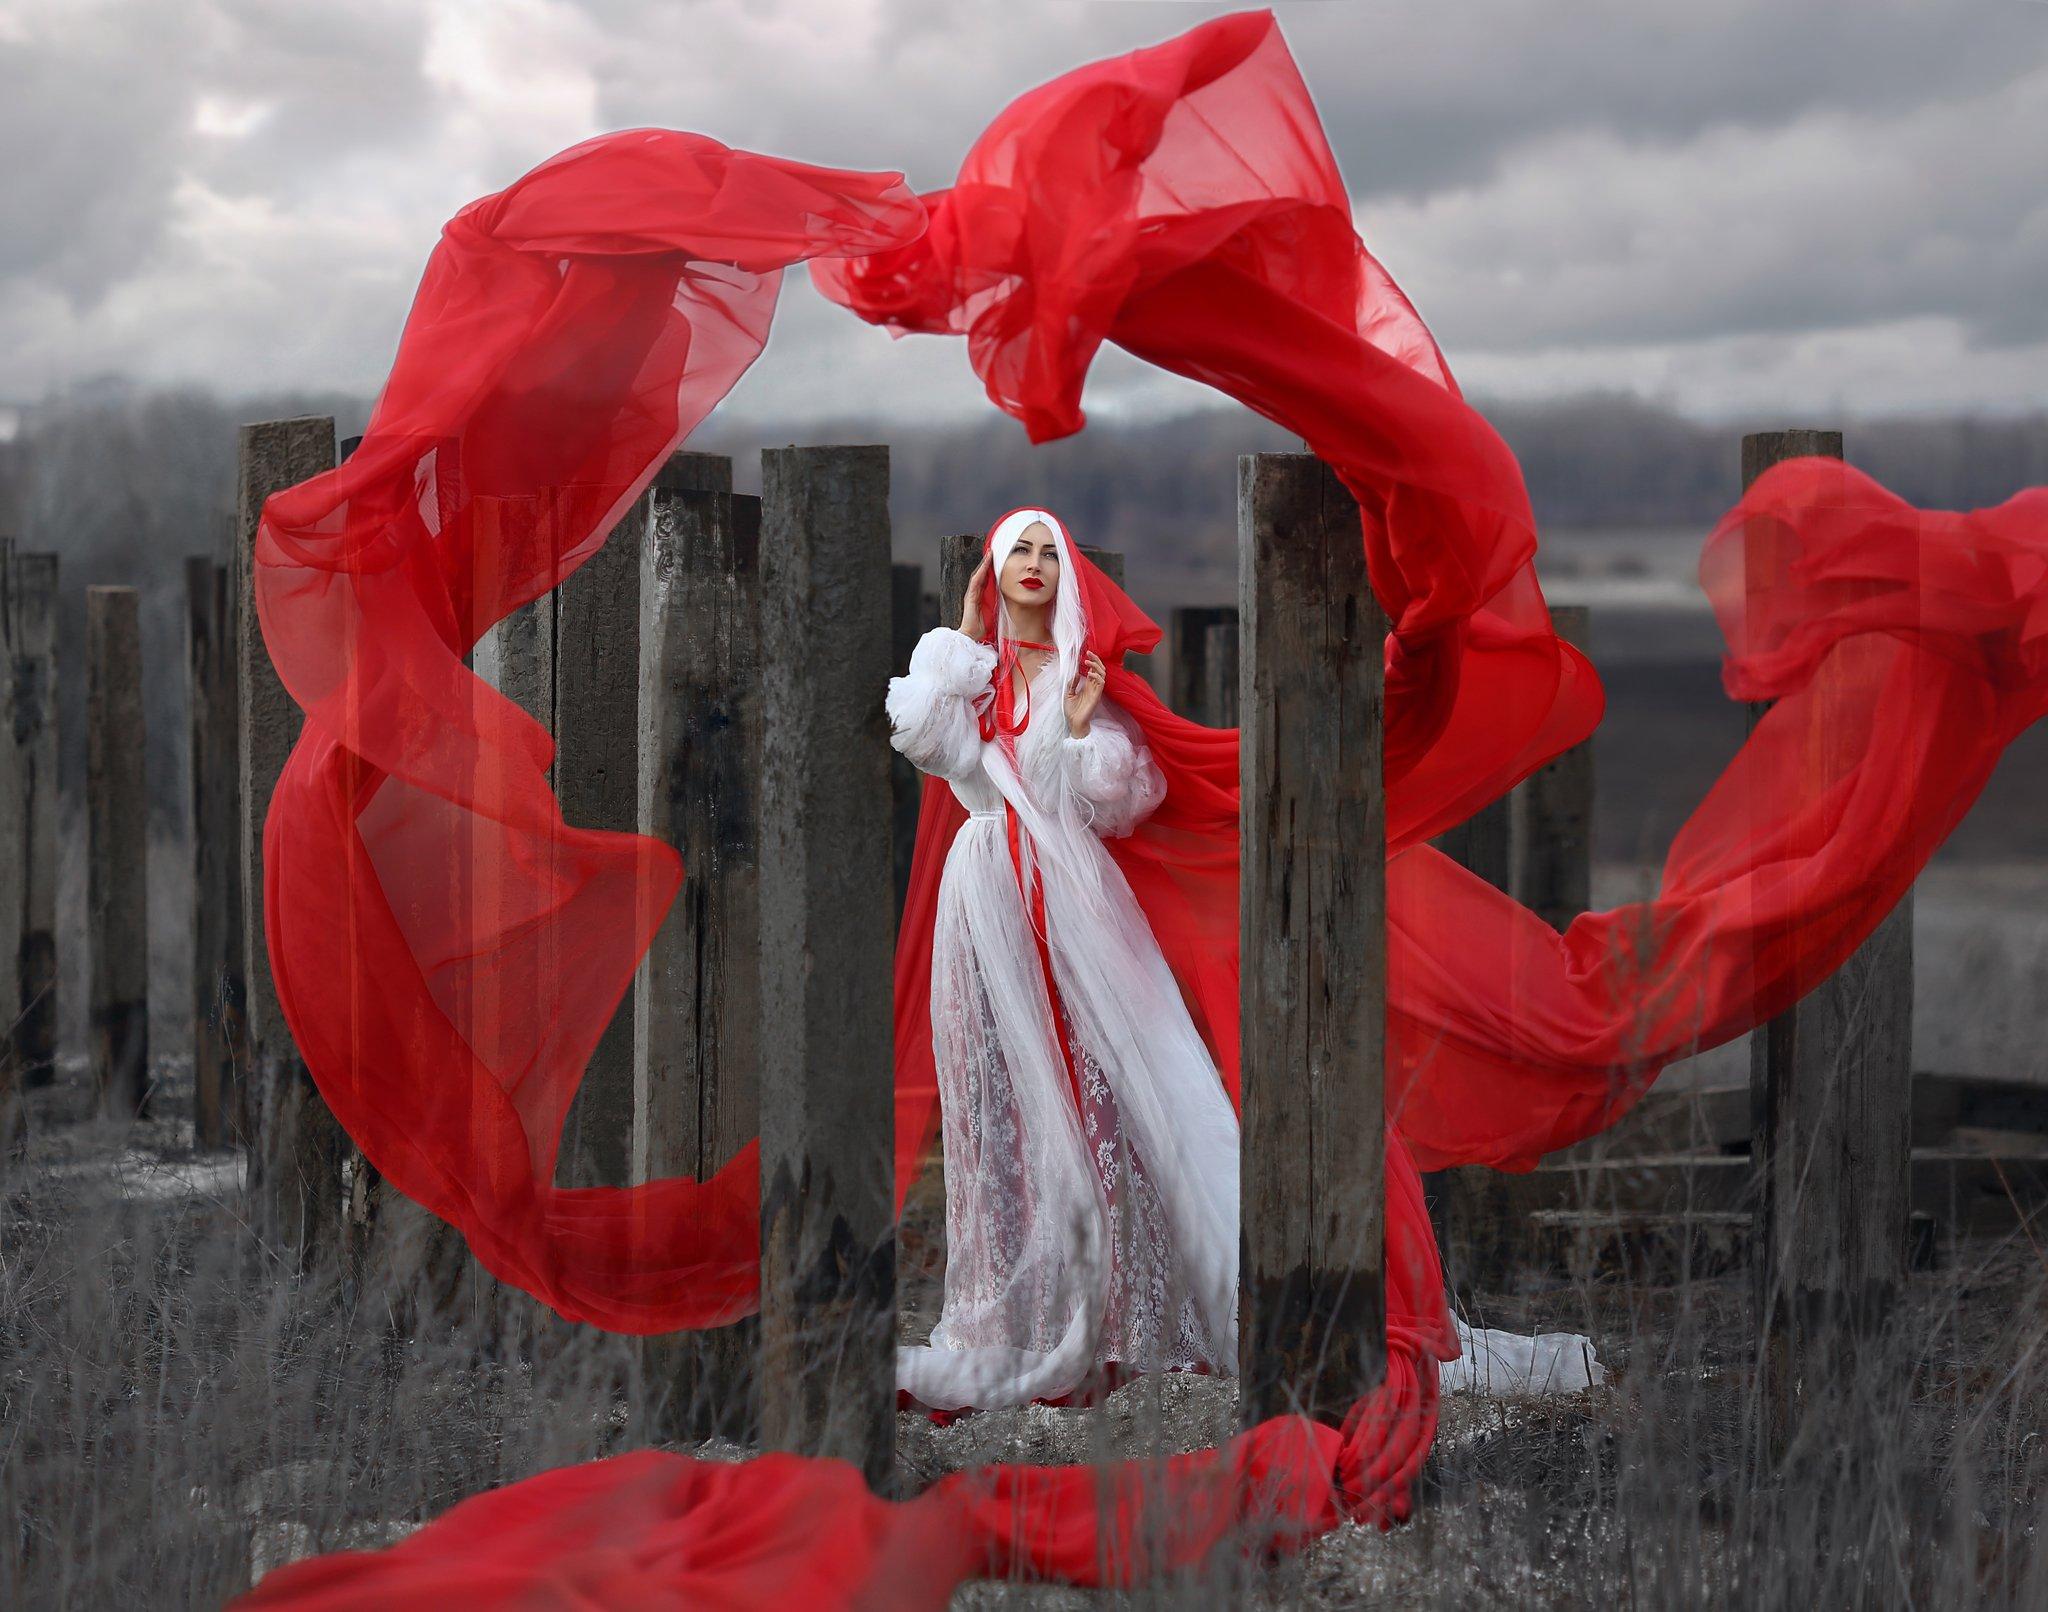 barren, бесплодие, красная ткань, летящая ткань, голая земля, белые волосы, хмурое небо, арт, сказка, Голубятникова Ирина